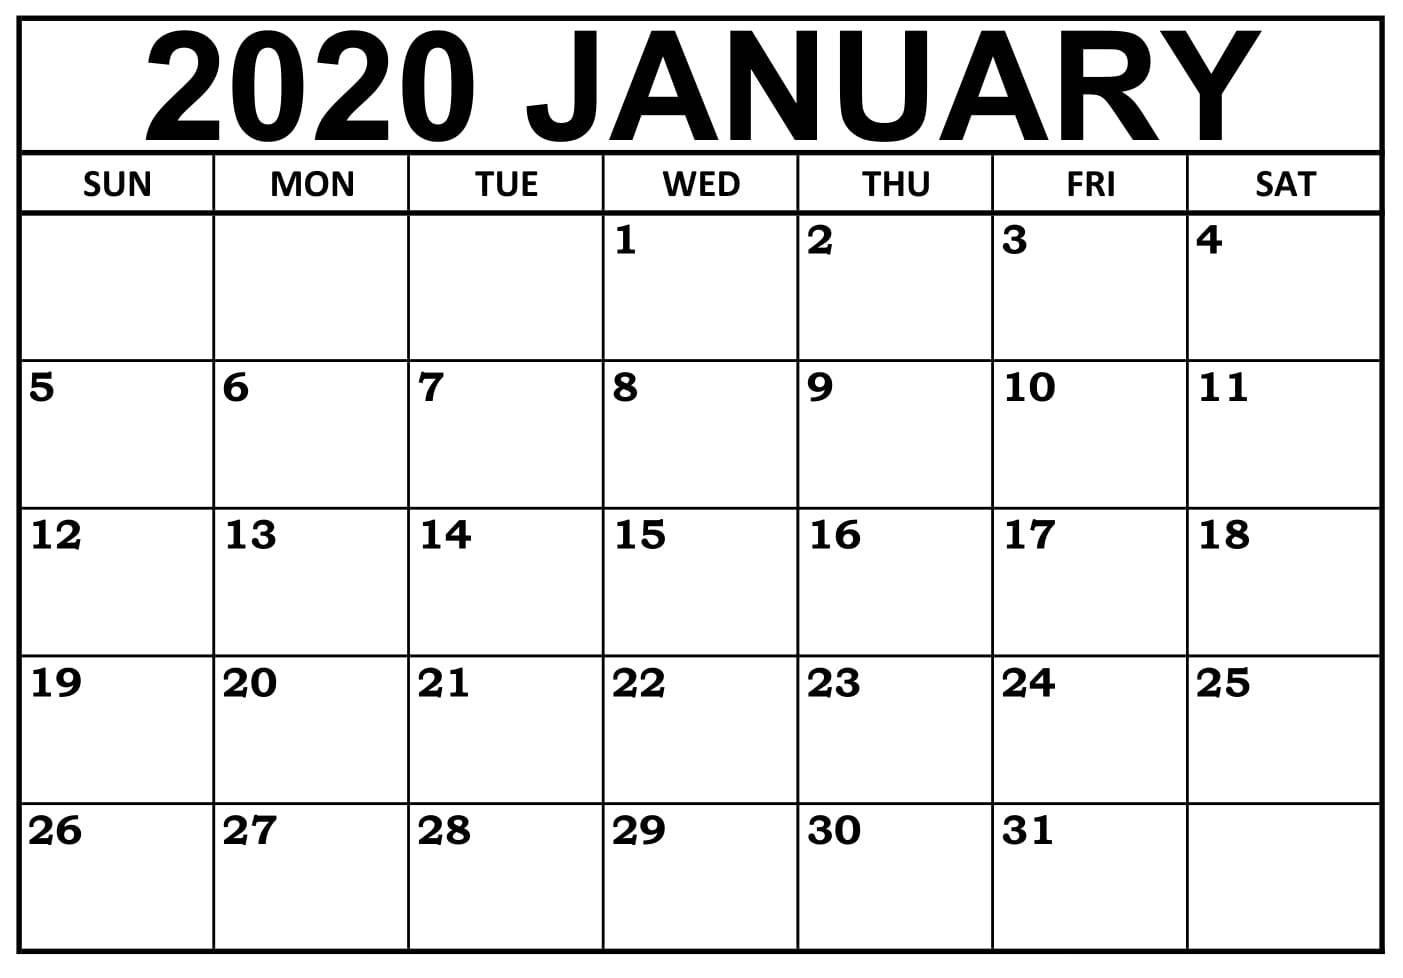 January 2020 Calendar Nz (New Zealand) - 2019 Calendars For